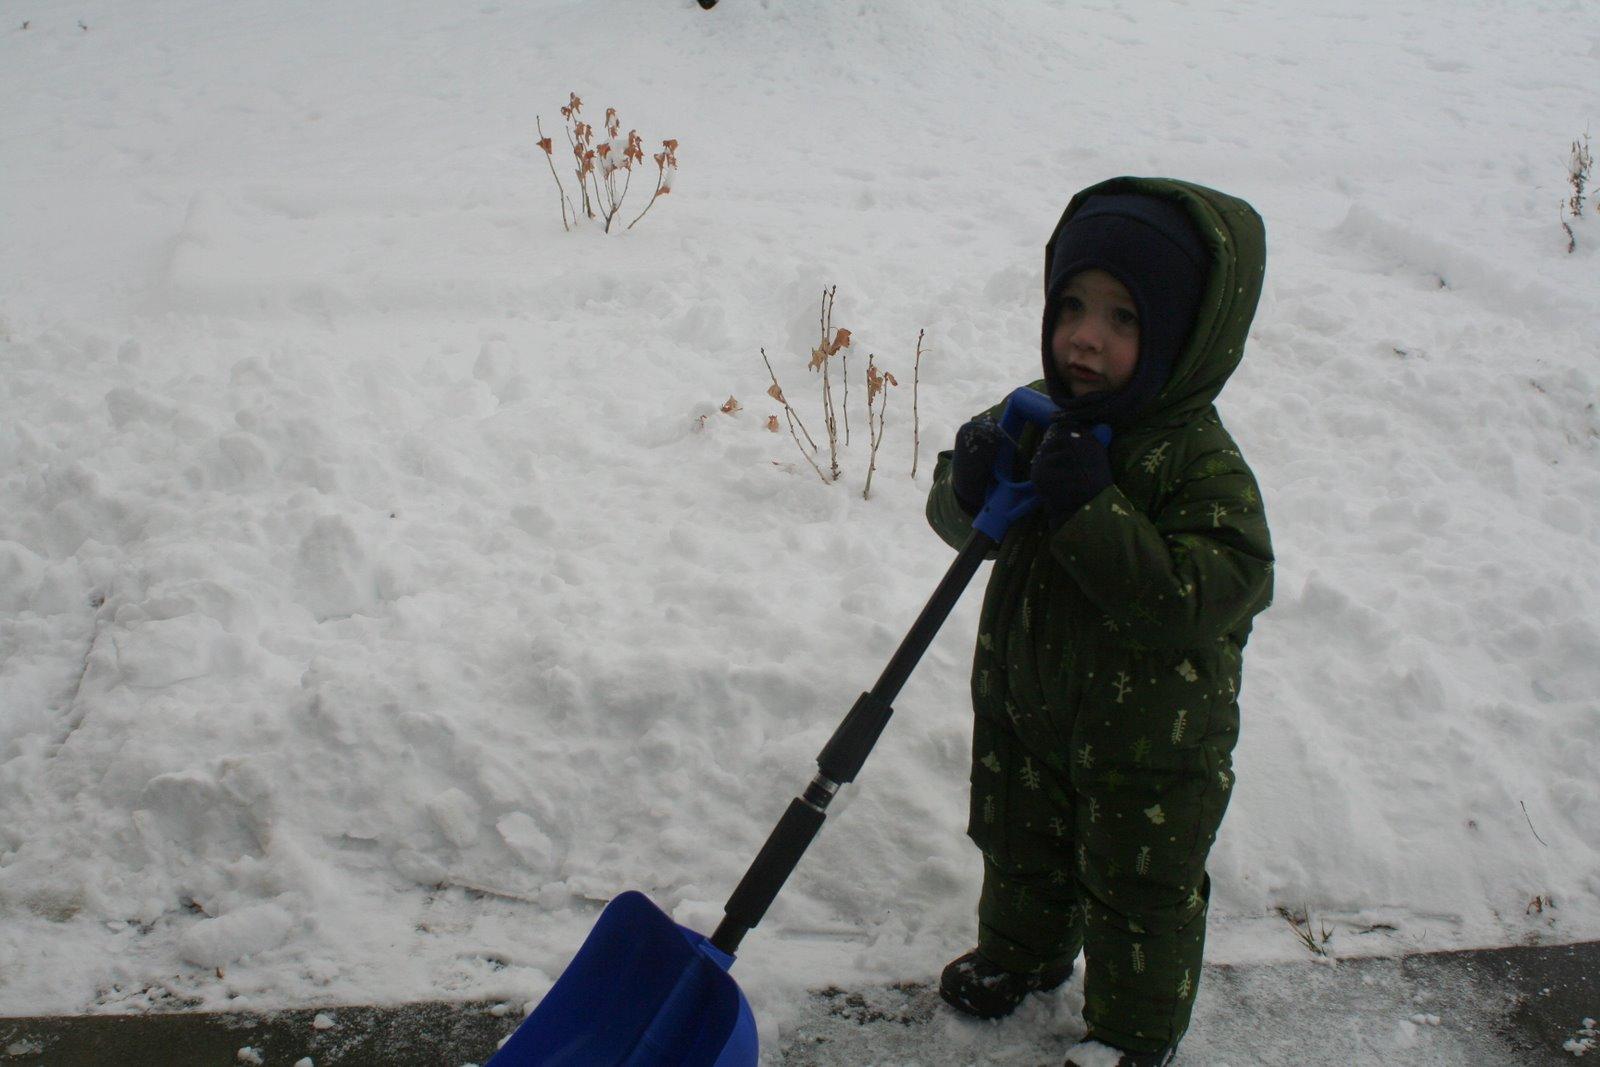 Spencer likes to shovel